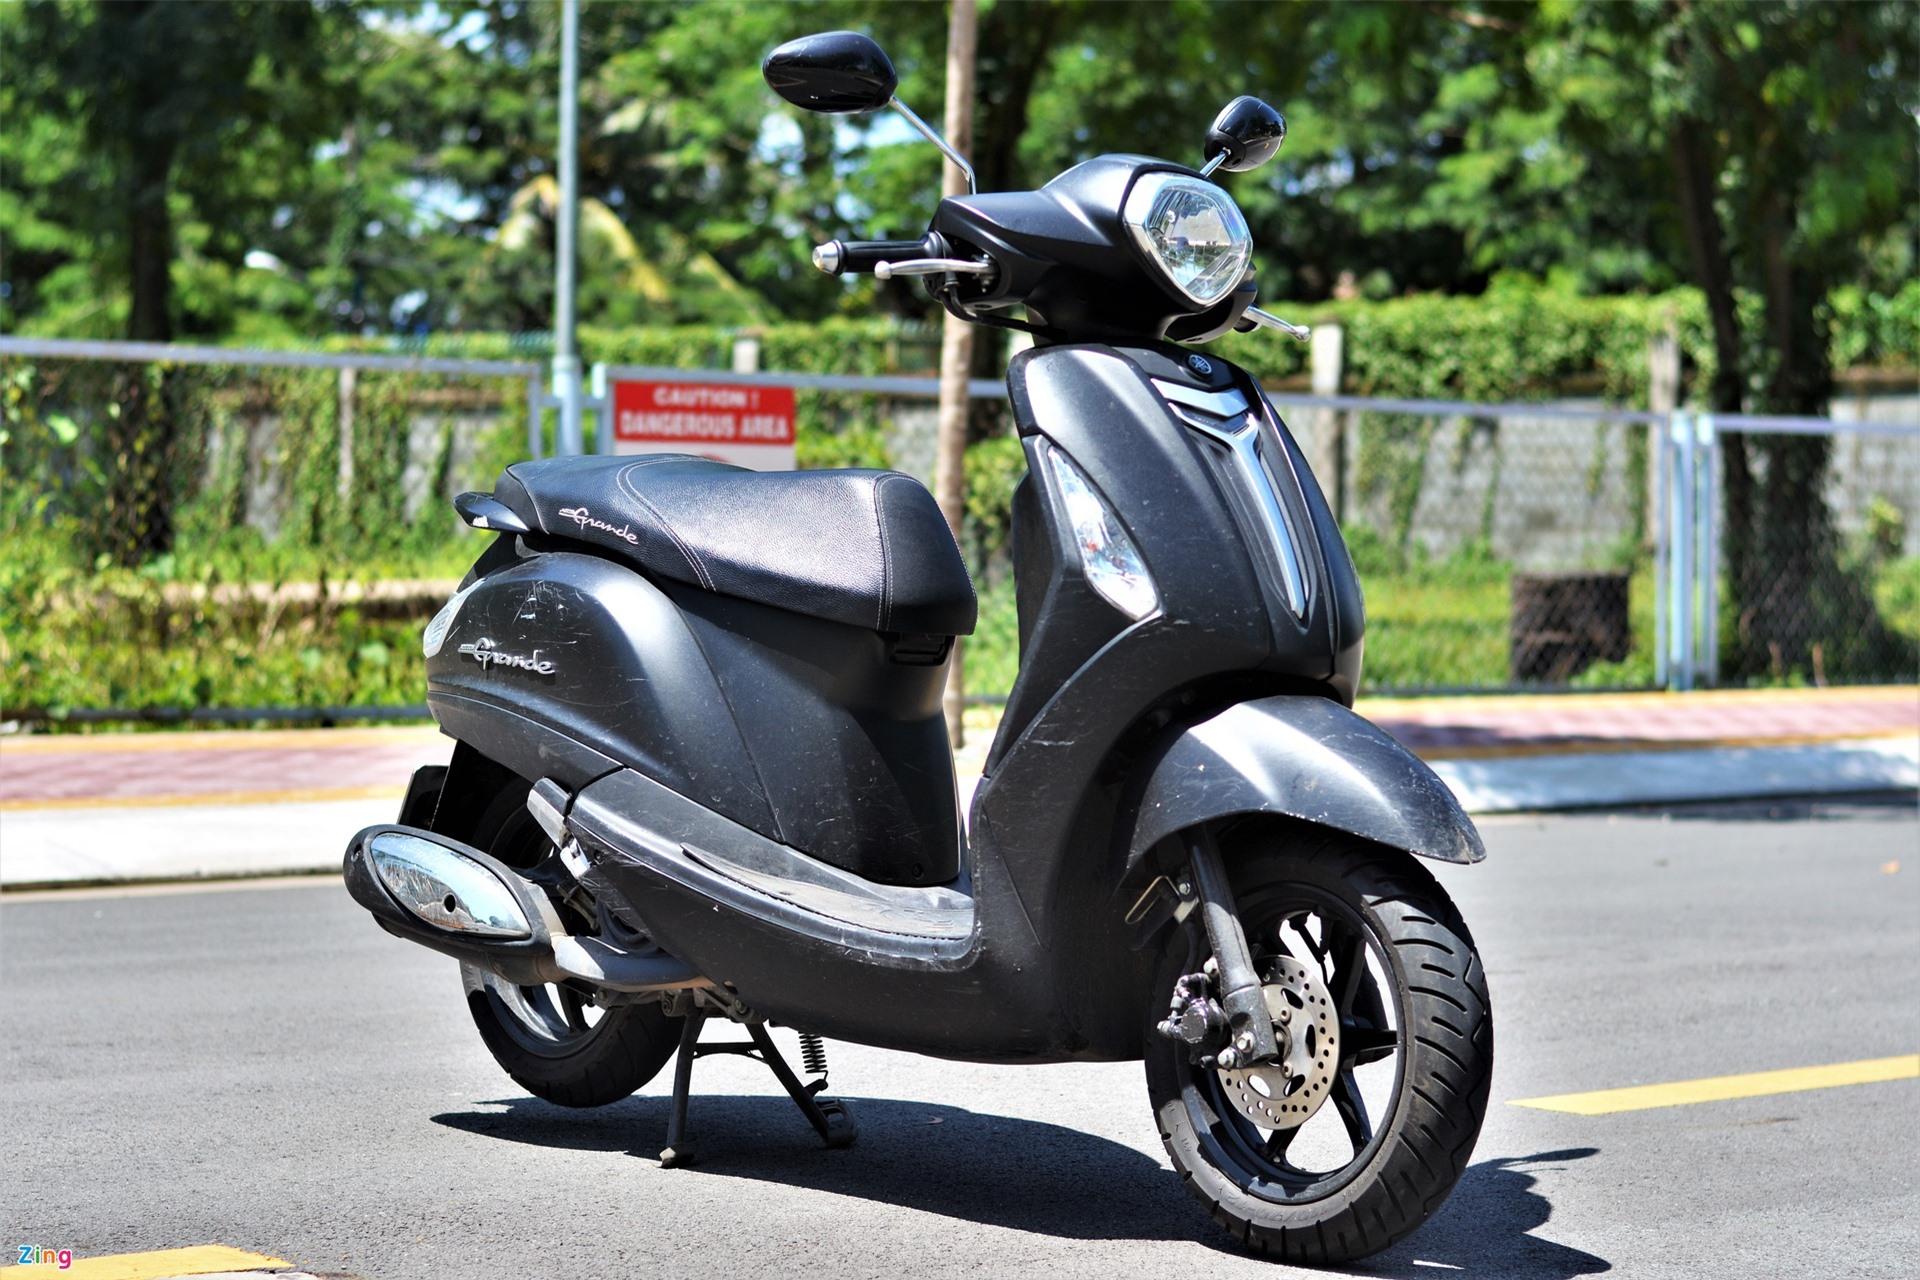 Nhiều xe máy được giảm giá trong tháng 7 âm lịch, cao nhất 7 triệu - Hình 1